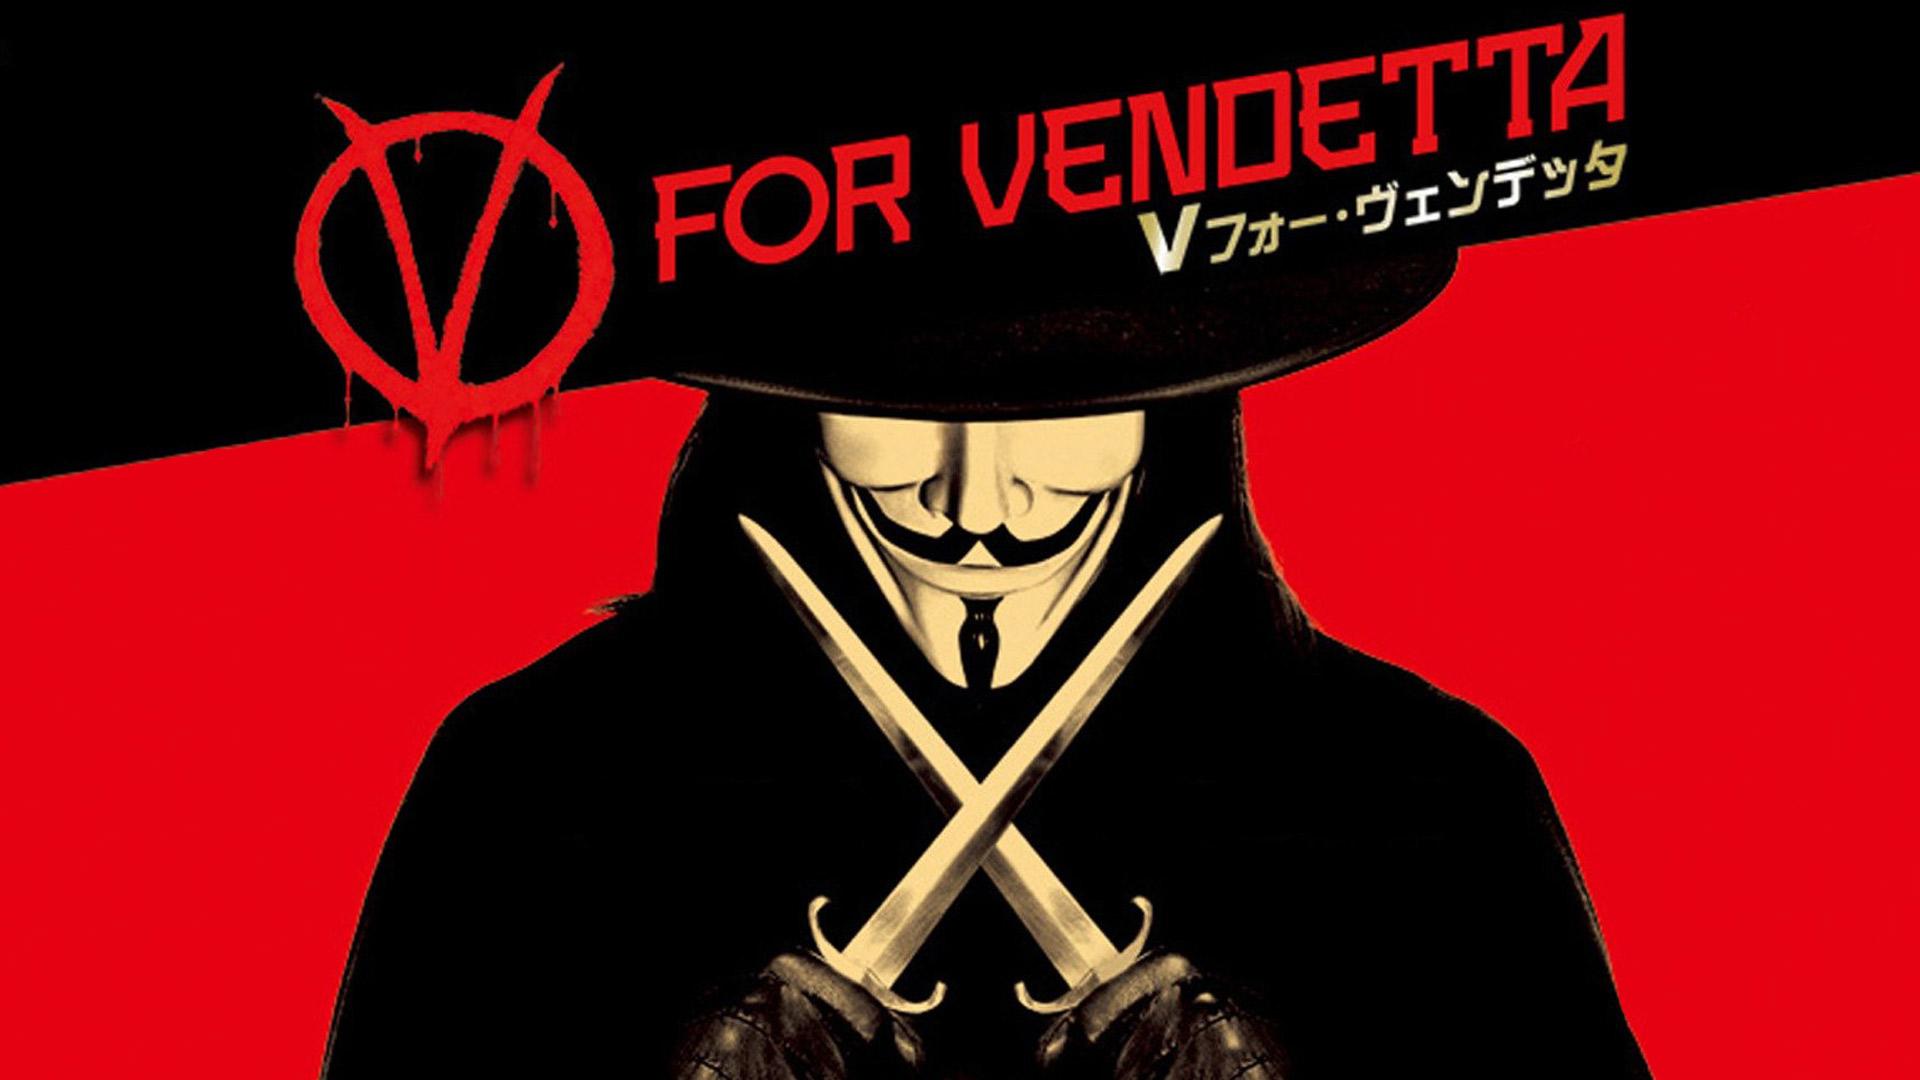 V フォー・ヴェンデッタ (字幕版)